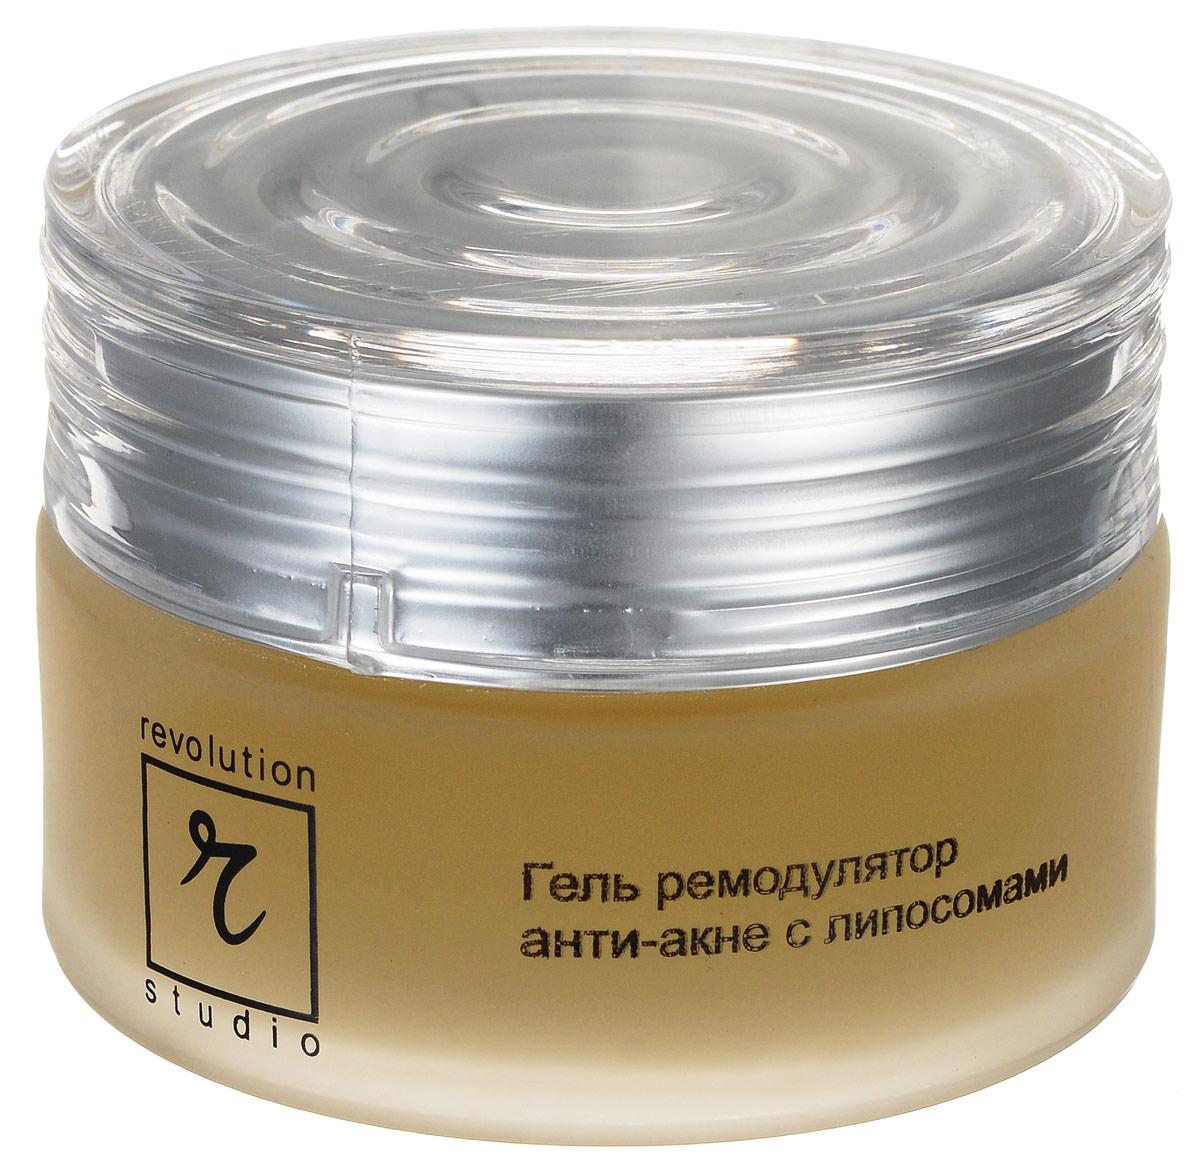 R-Studio Гель-ремодулятор анти-акне ночной с липосомами 50 млFS-00103Гель-ремодулятор анти-акне ночной с липосомами - высокоэффективное предотвращение старения клеток кожи:глубоко проникает в кожу и эффективно воздействует на очаг воспаления; улучшает состояние и внешний вид кожи; приводит в норму ее влажность, жирность и эластичность; активизирует процесс регенерации кожи.